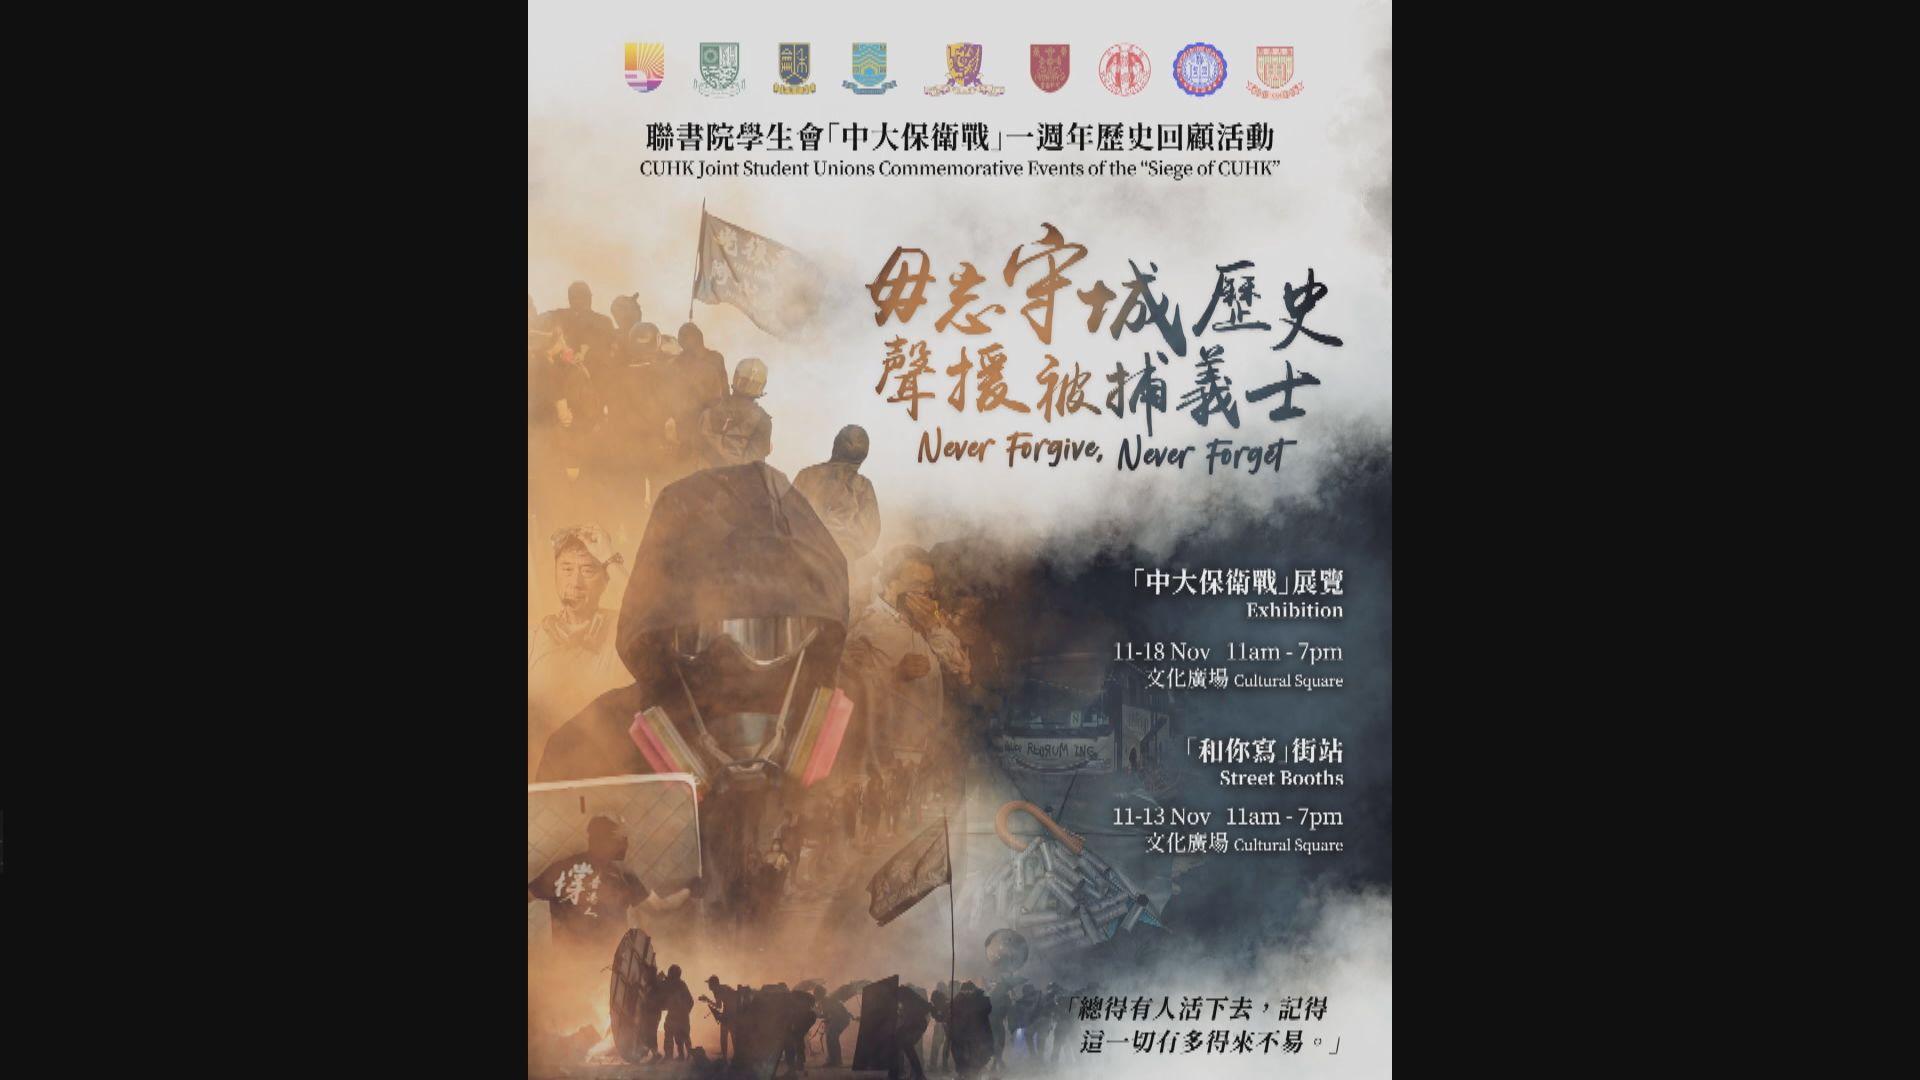 中大要求刪相展海報 學生會引述因有「光復香港」字眼